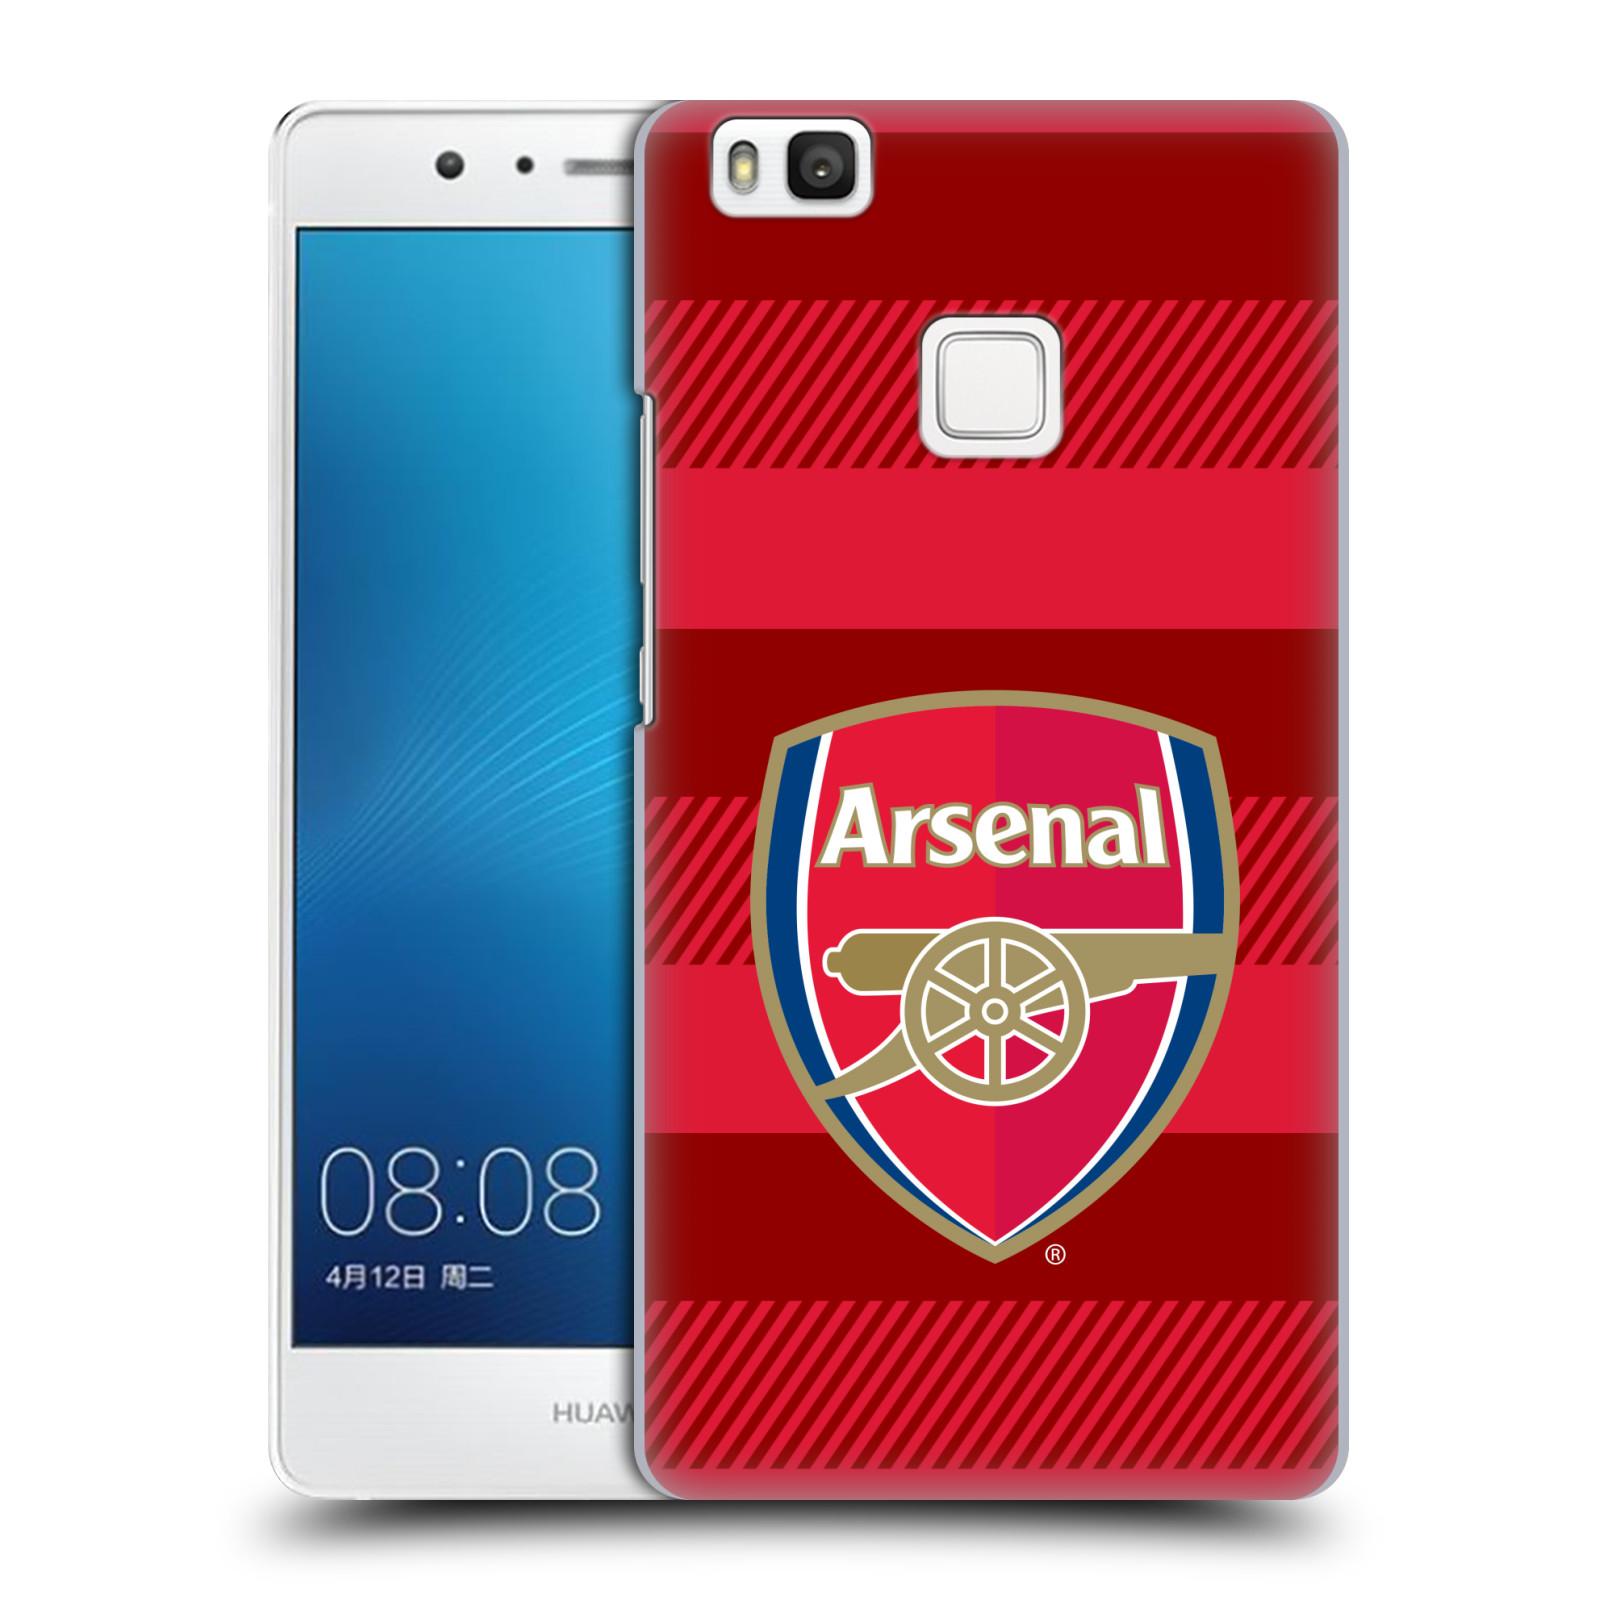 Plastové pouzdro na mobil Huawei P9 Lite - Head Case - Arsenal FC - Logo s pruhy